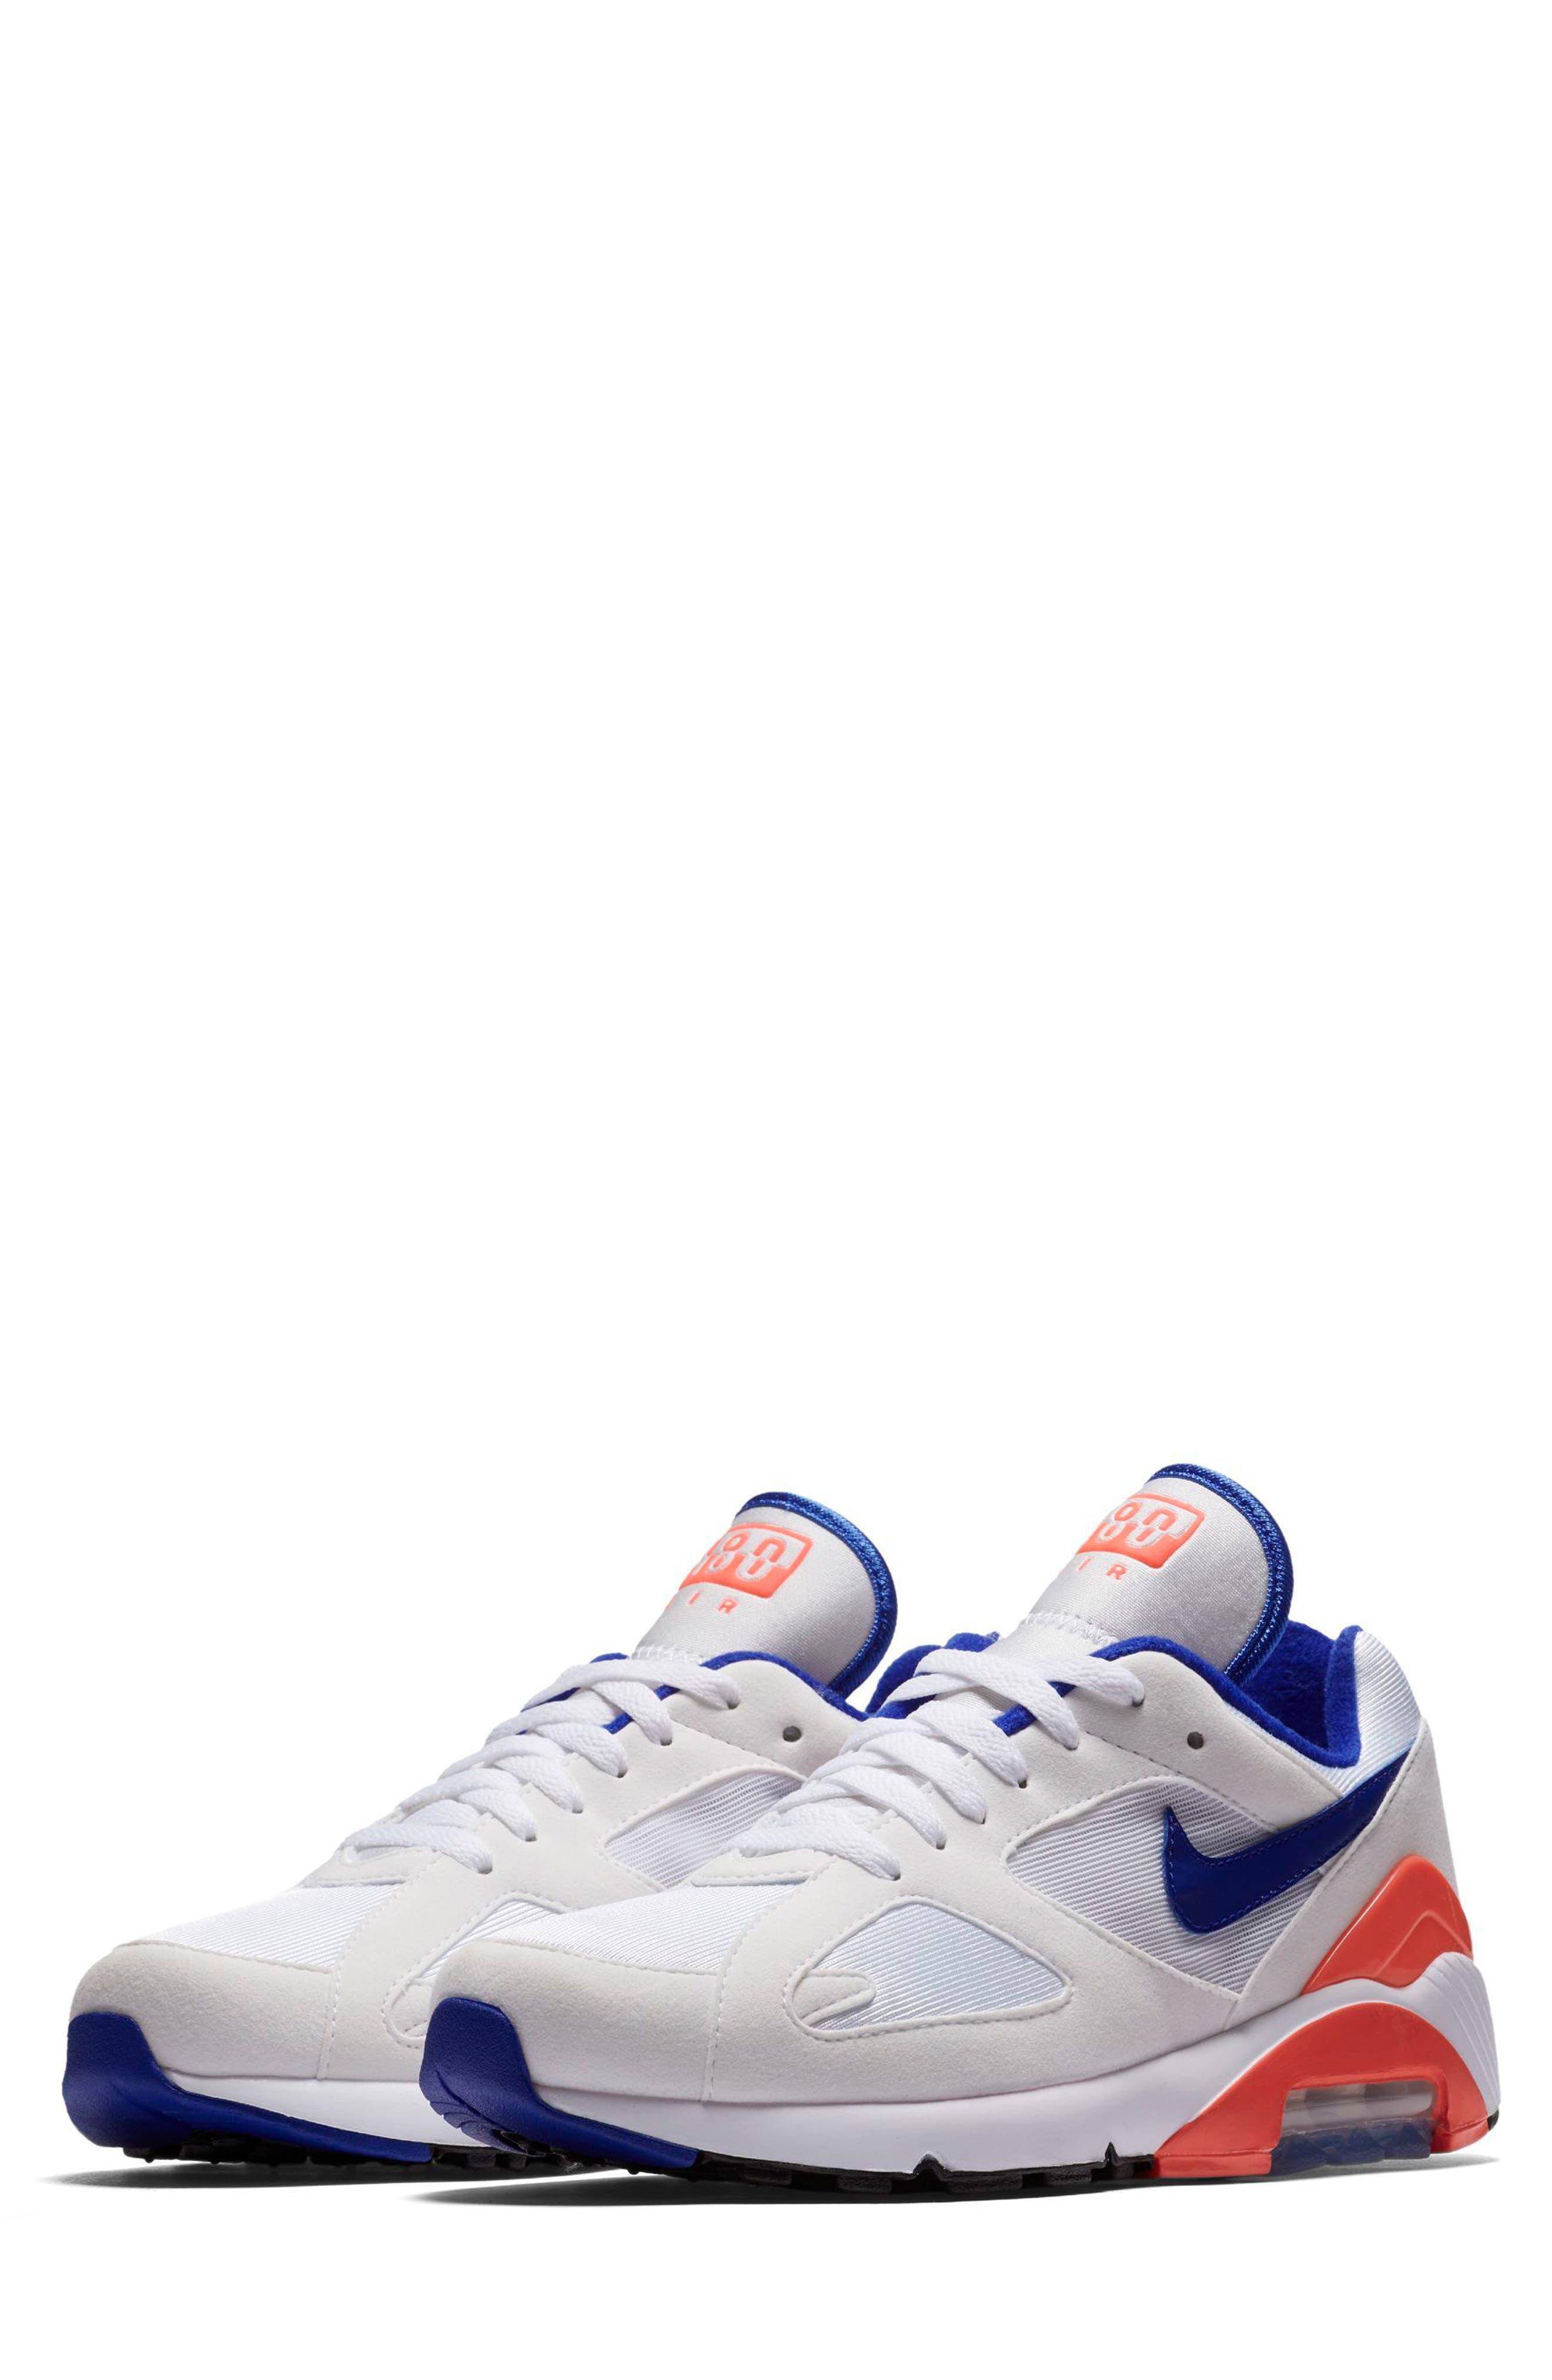 Air Max 180 Sneaker,                             Main thumbnail 1, color,                             White/ Ultramarine